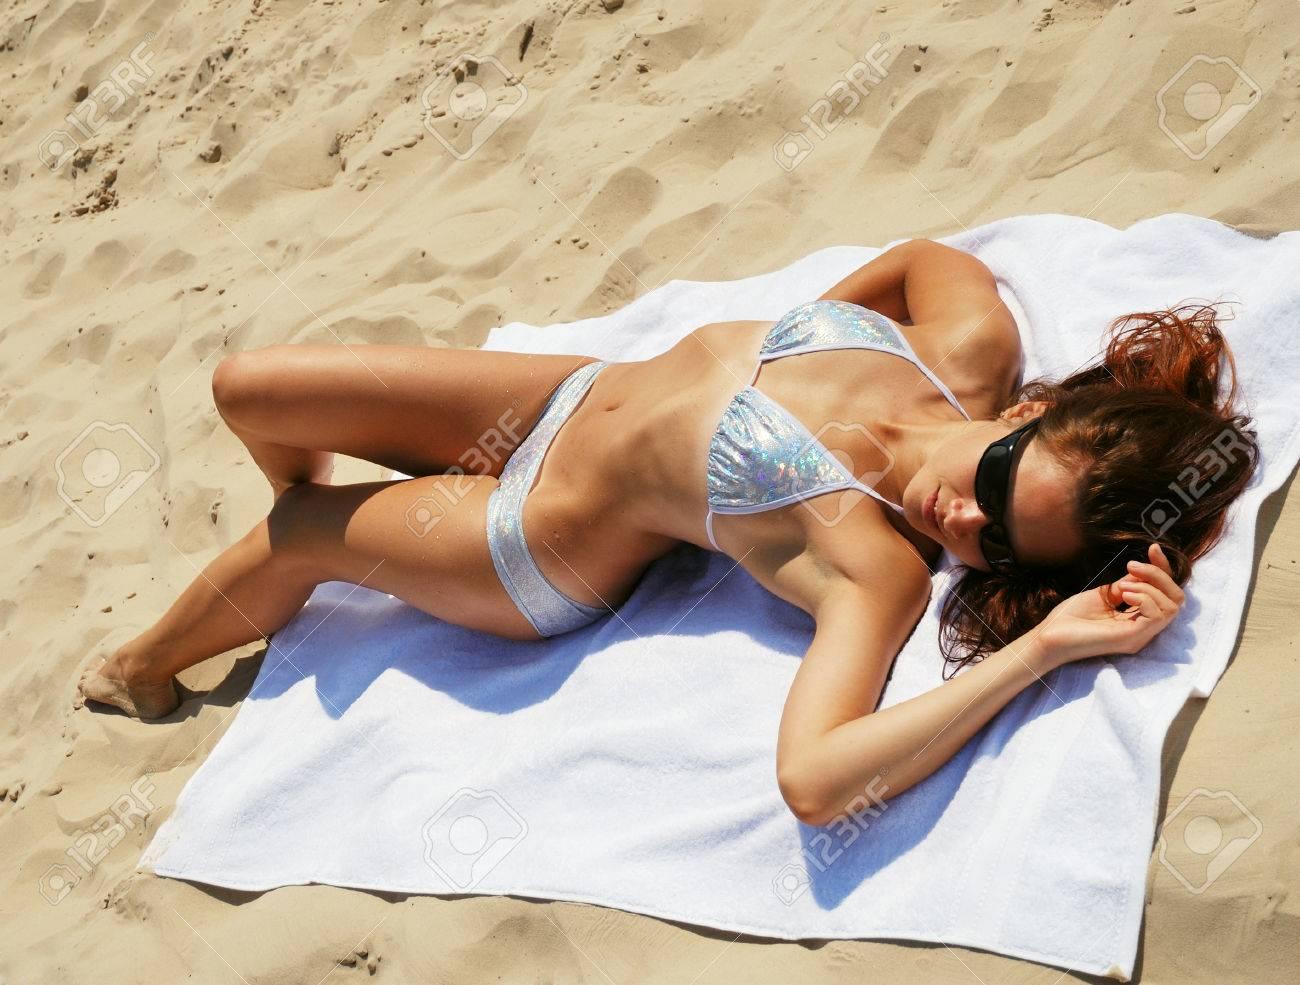 c015afb8fc49 La mujer joven está tumbado en la toalla blanca Ella lleva bikini y gafas  de sol que brilla Ella está adquiriendo un bronceado en la playa de arena